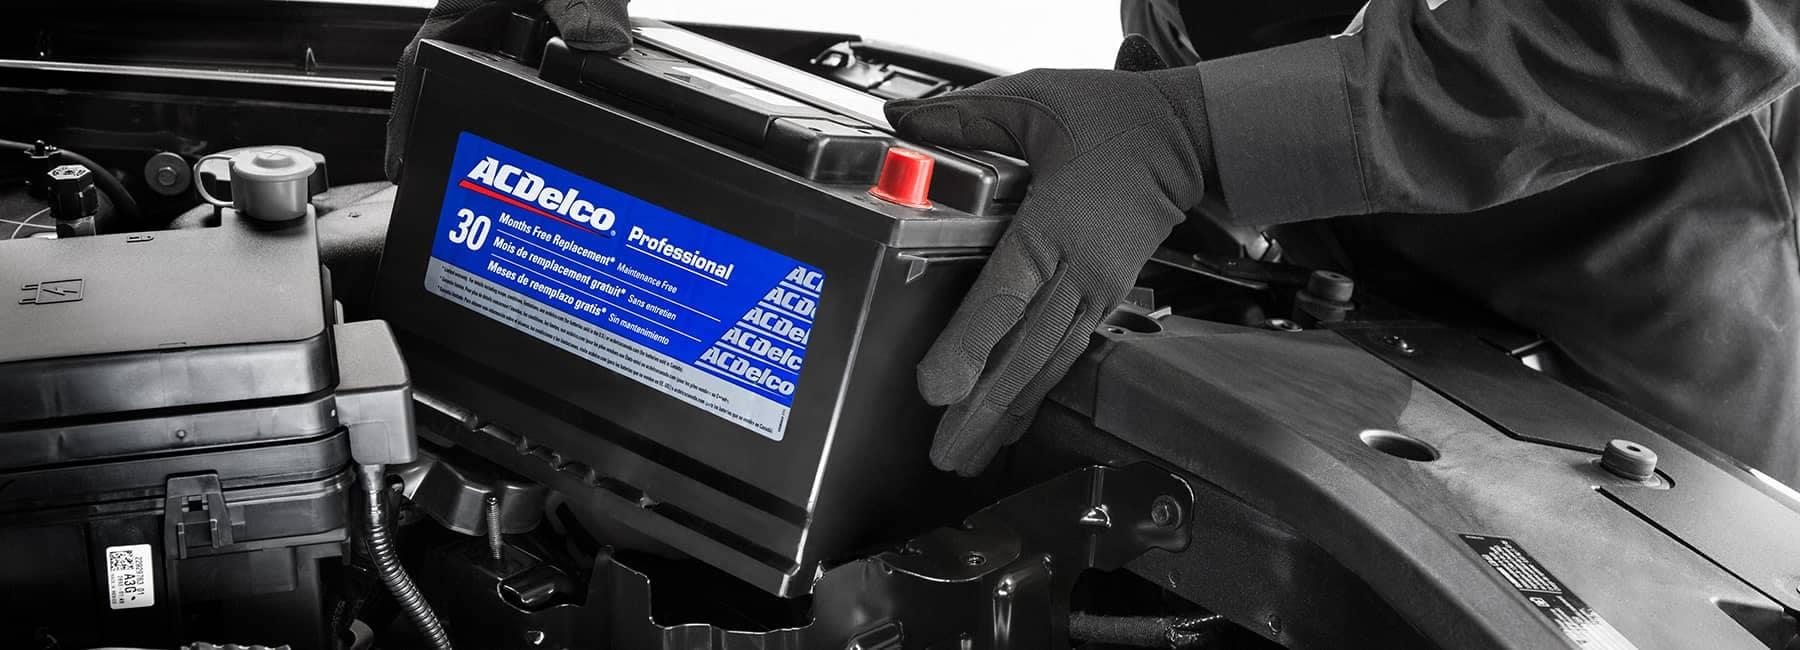 service technician installs AC Delco battery